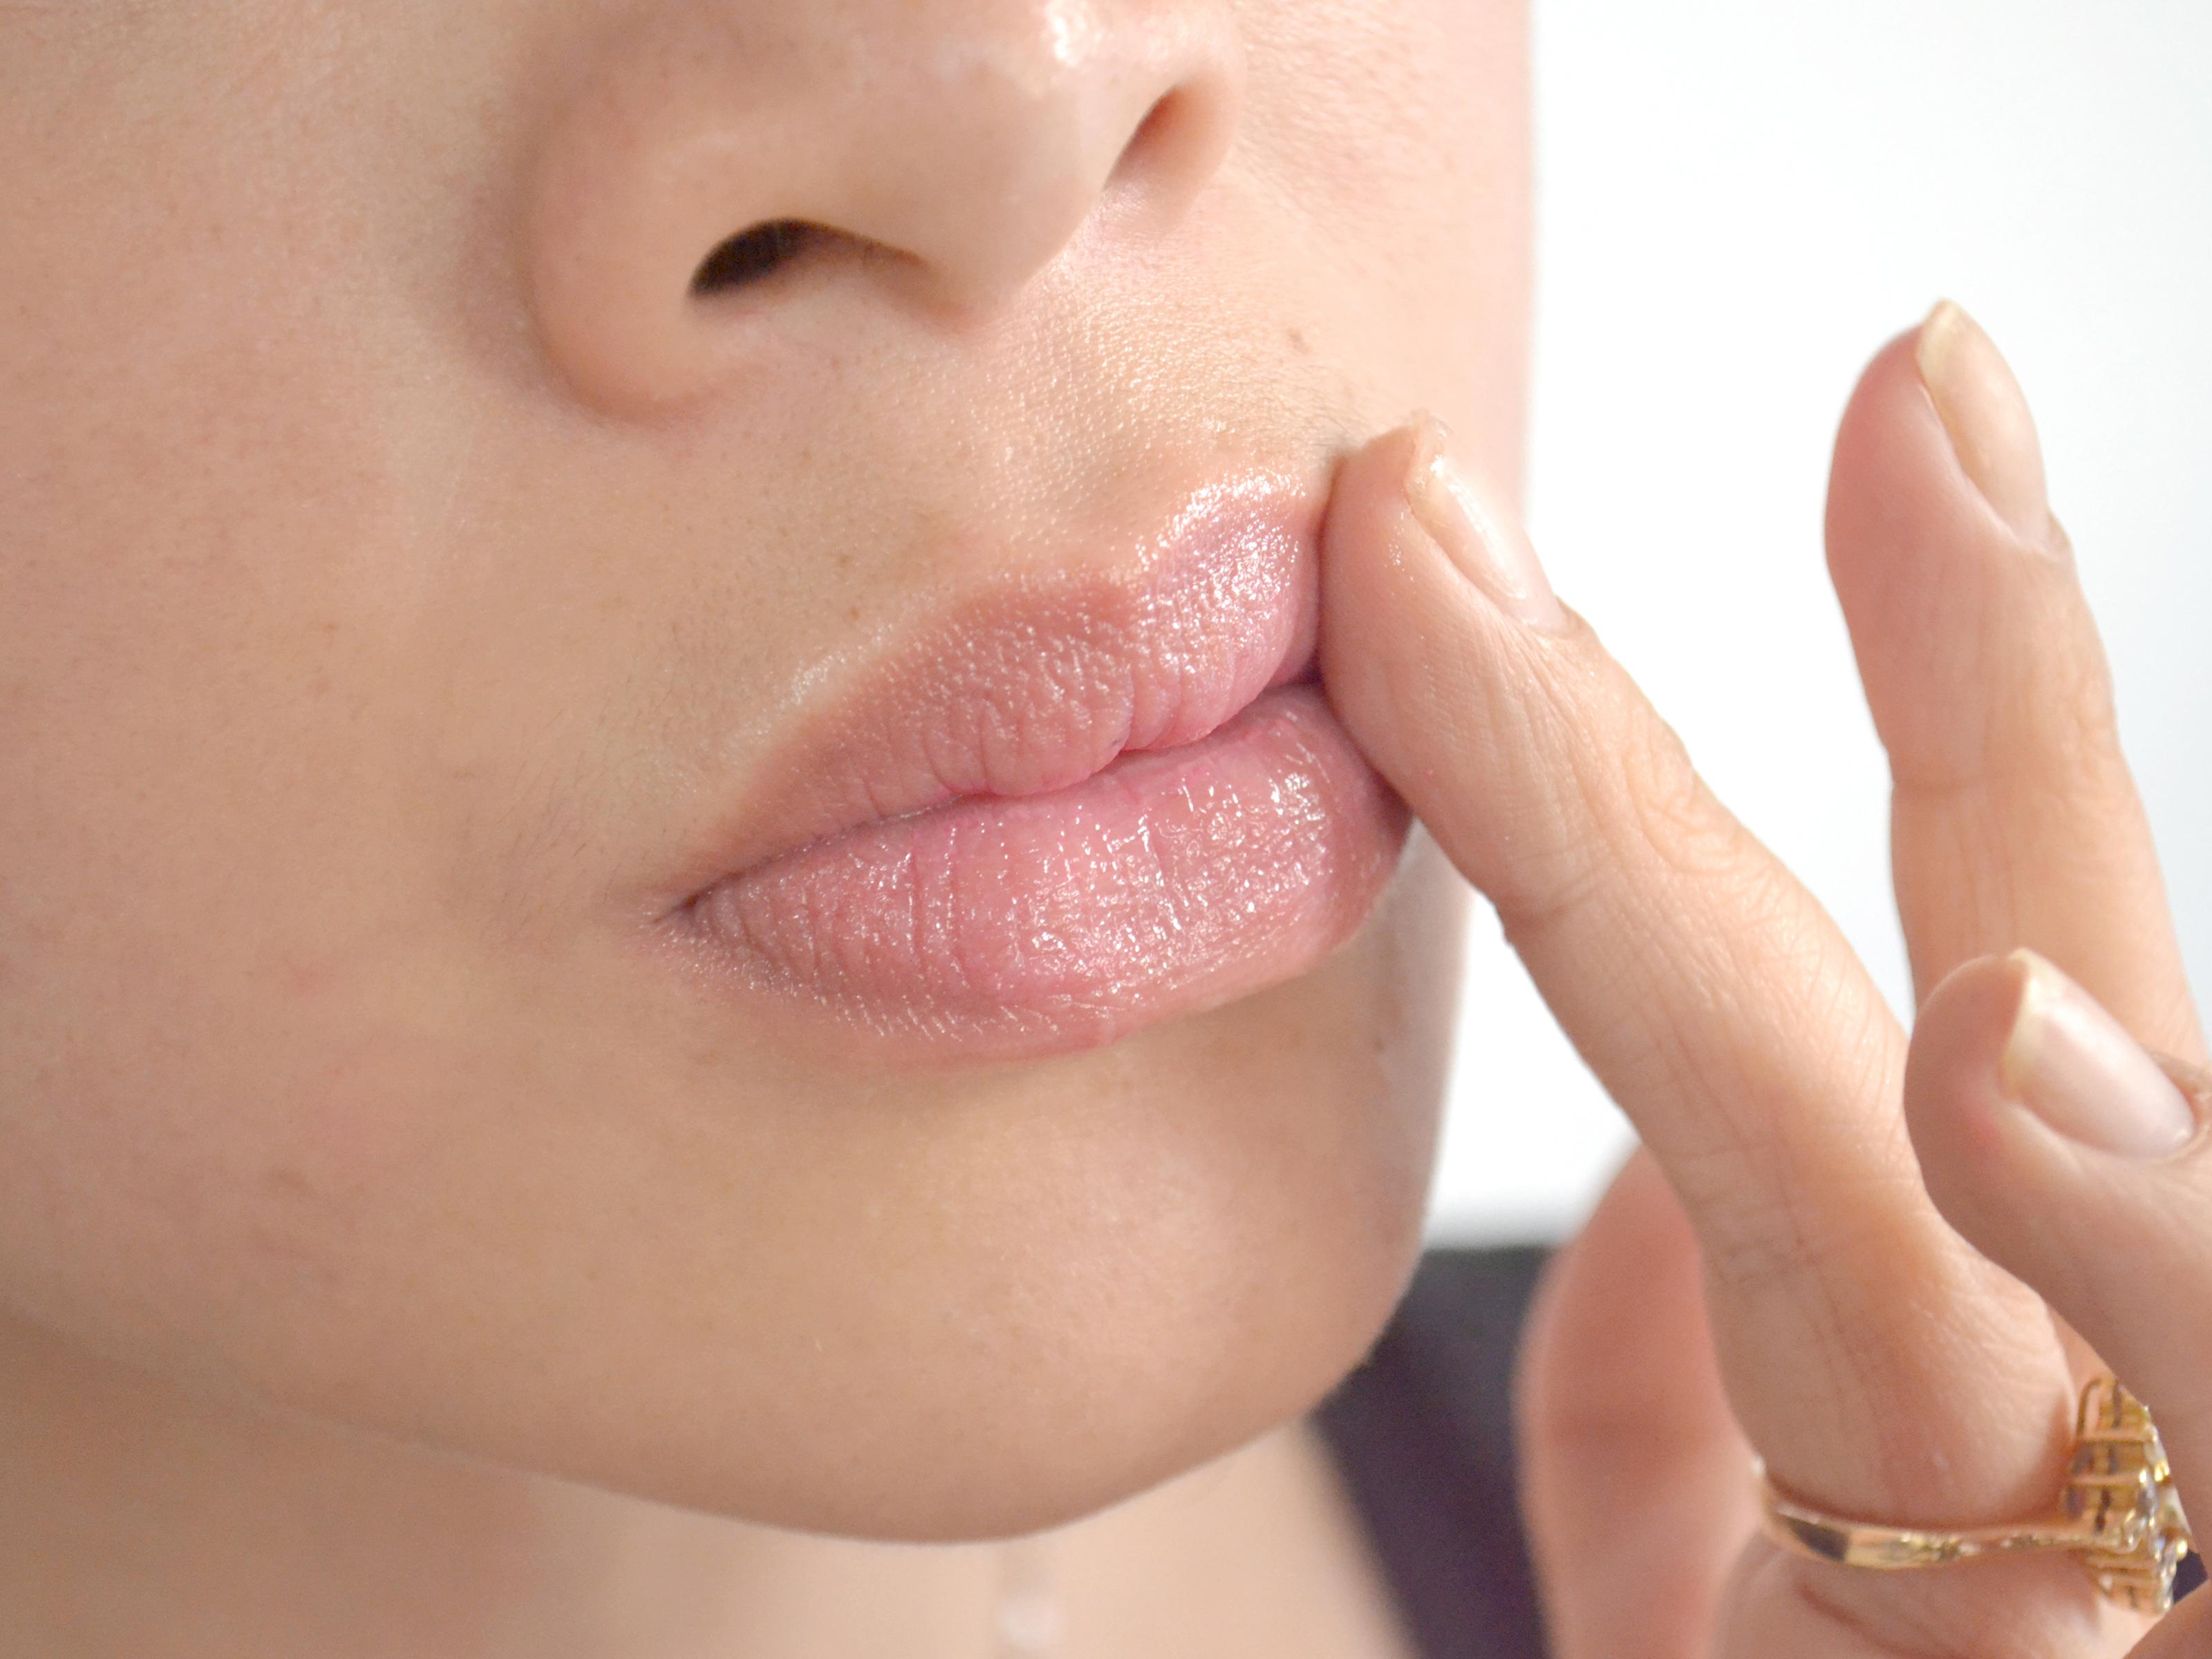 Comment traiter les lèvres gercées et craquelées?